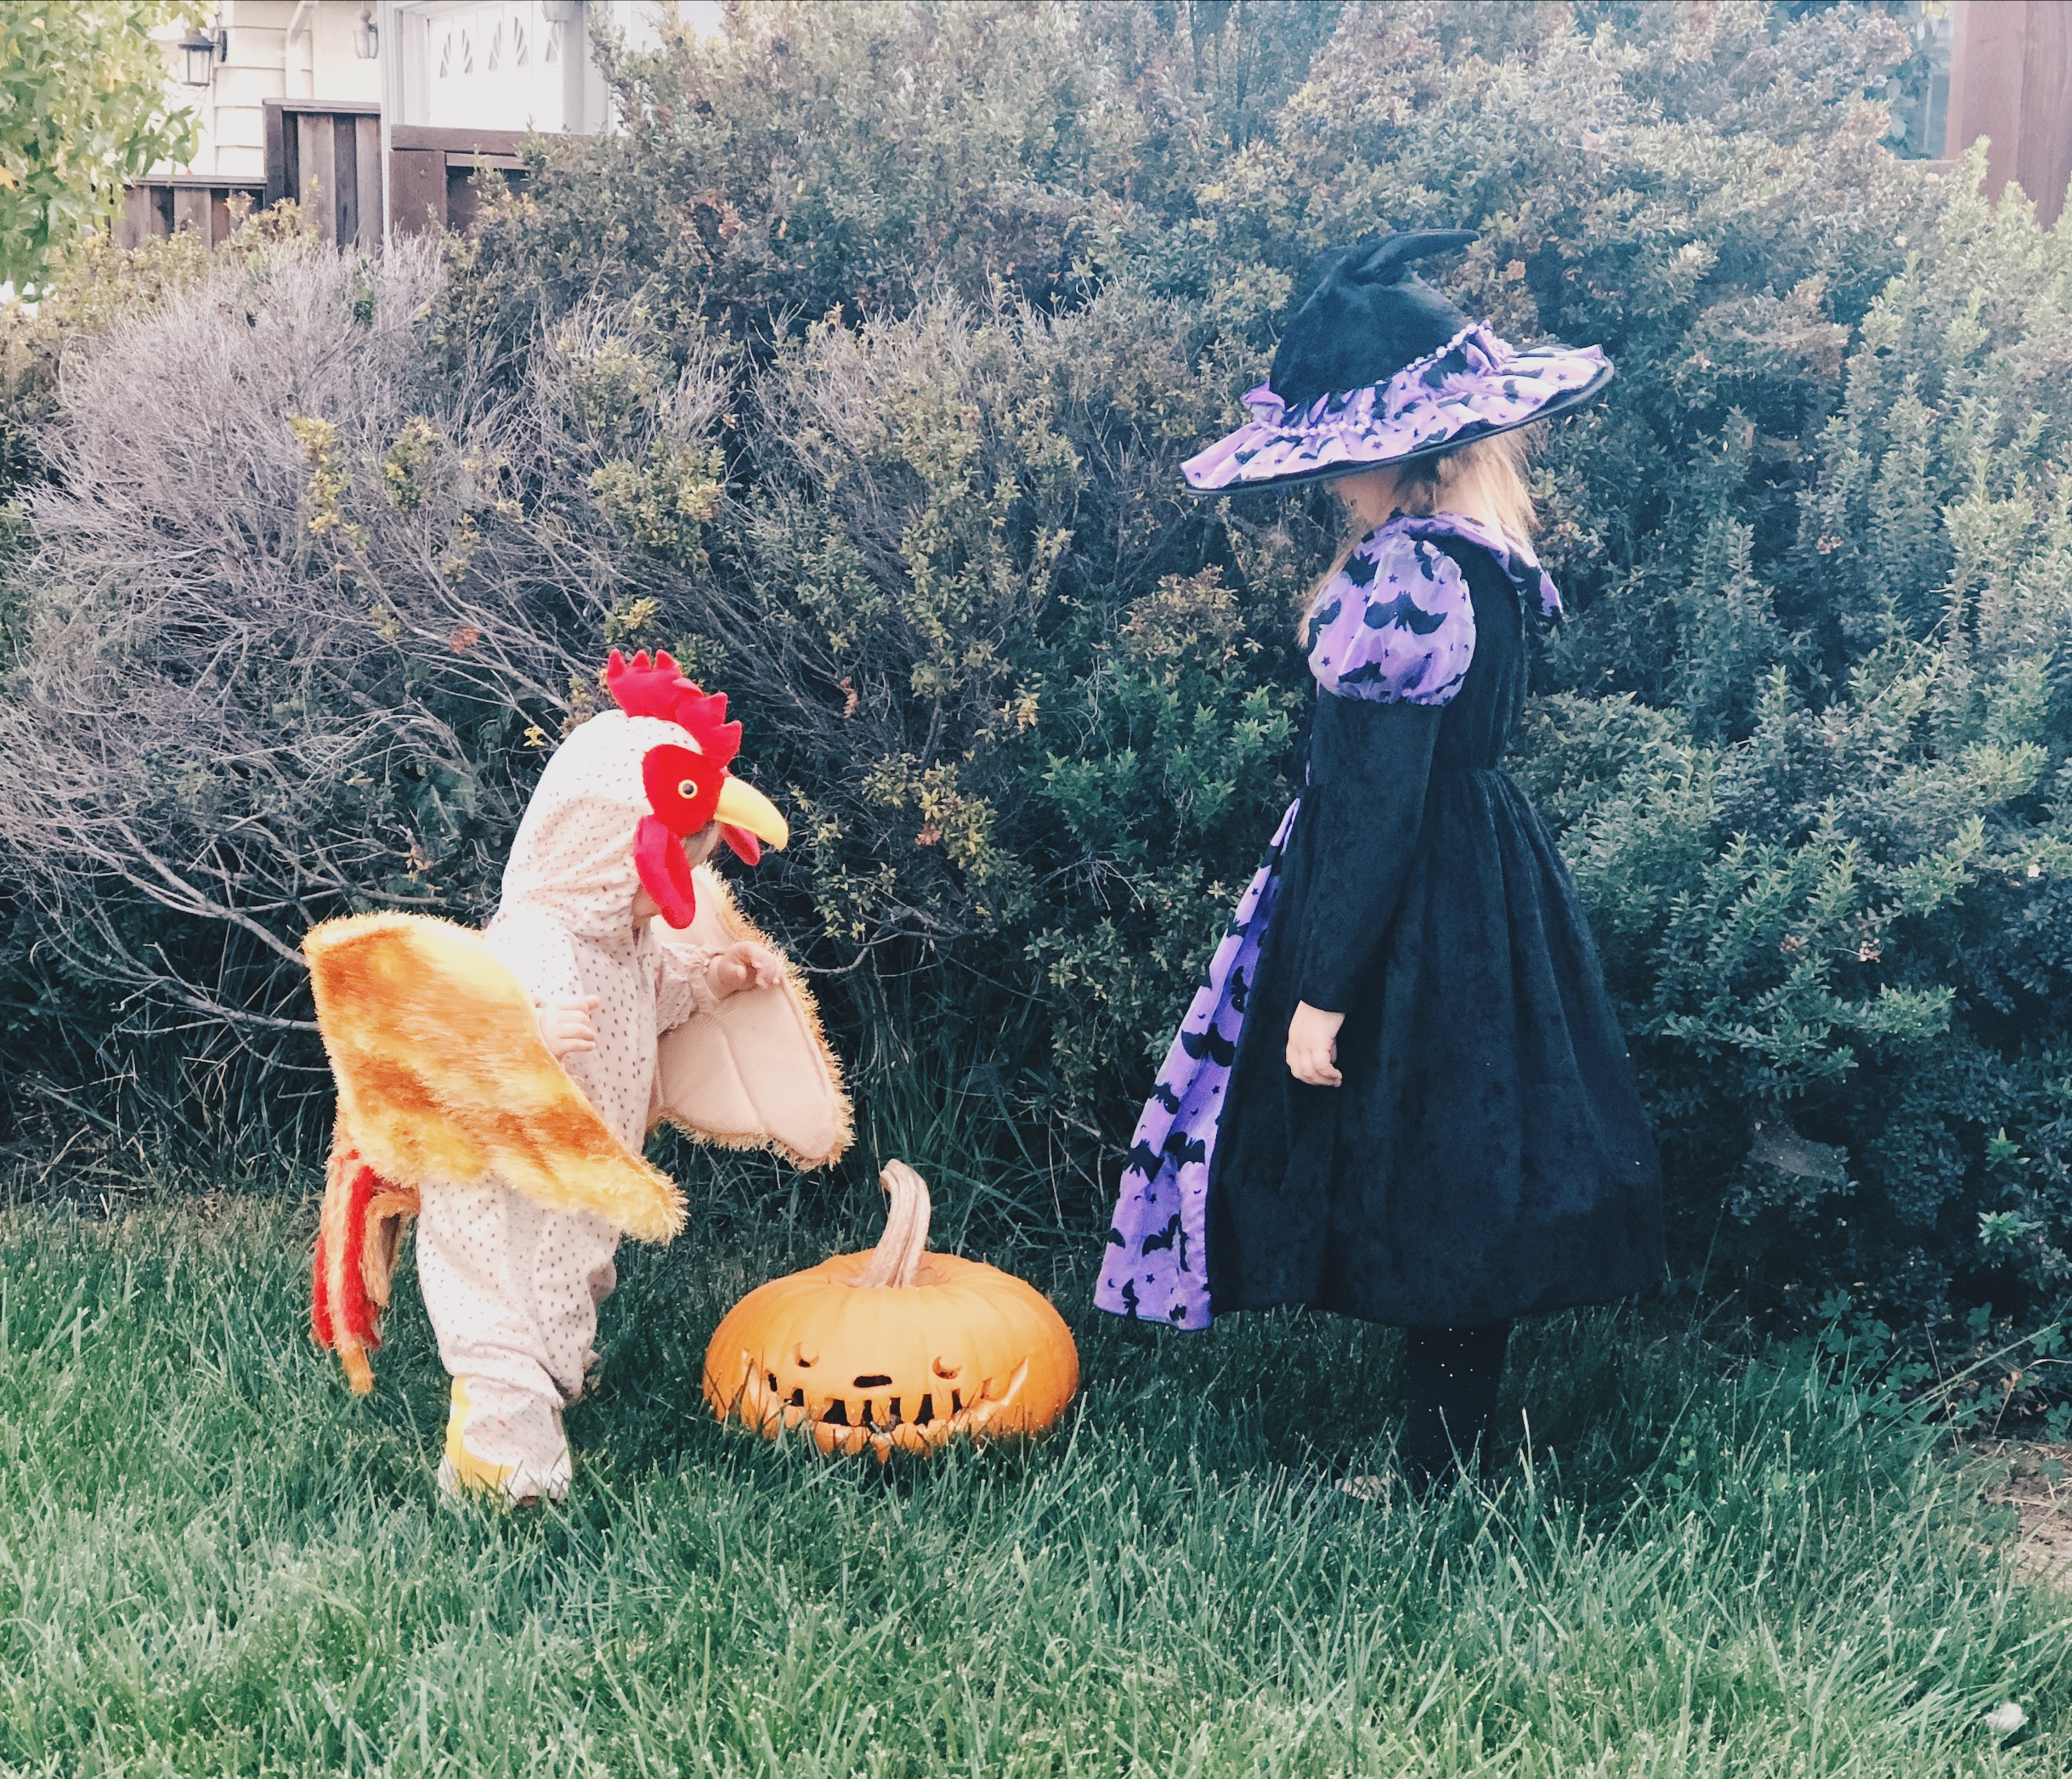 1-vuotiaan kana-asu oli lainassa suomalaiselta ystävältä (kiitos!) ja oli varsinainen hitti. Monet kysyivät mistä moisia pukuja saa tai halusivat jopa ottaa kanasta kuvan. Ihan paras halloweenasu miesmuistiin!